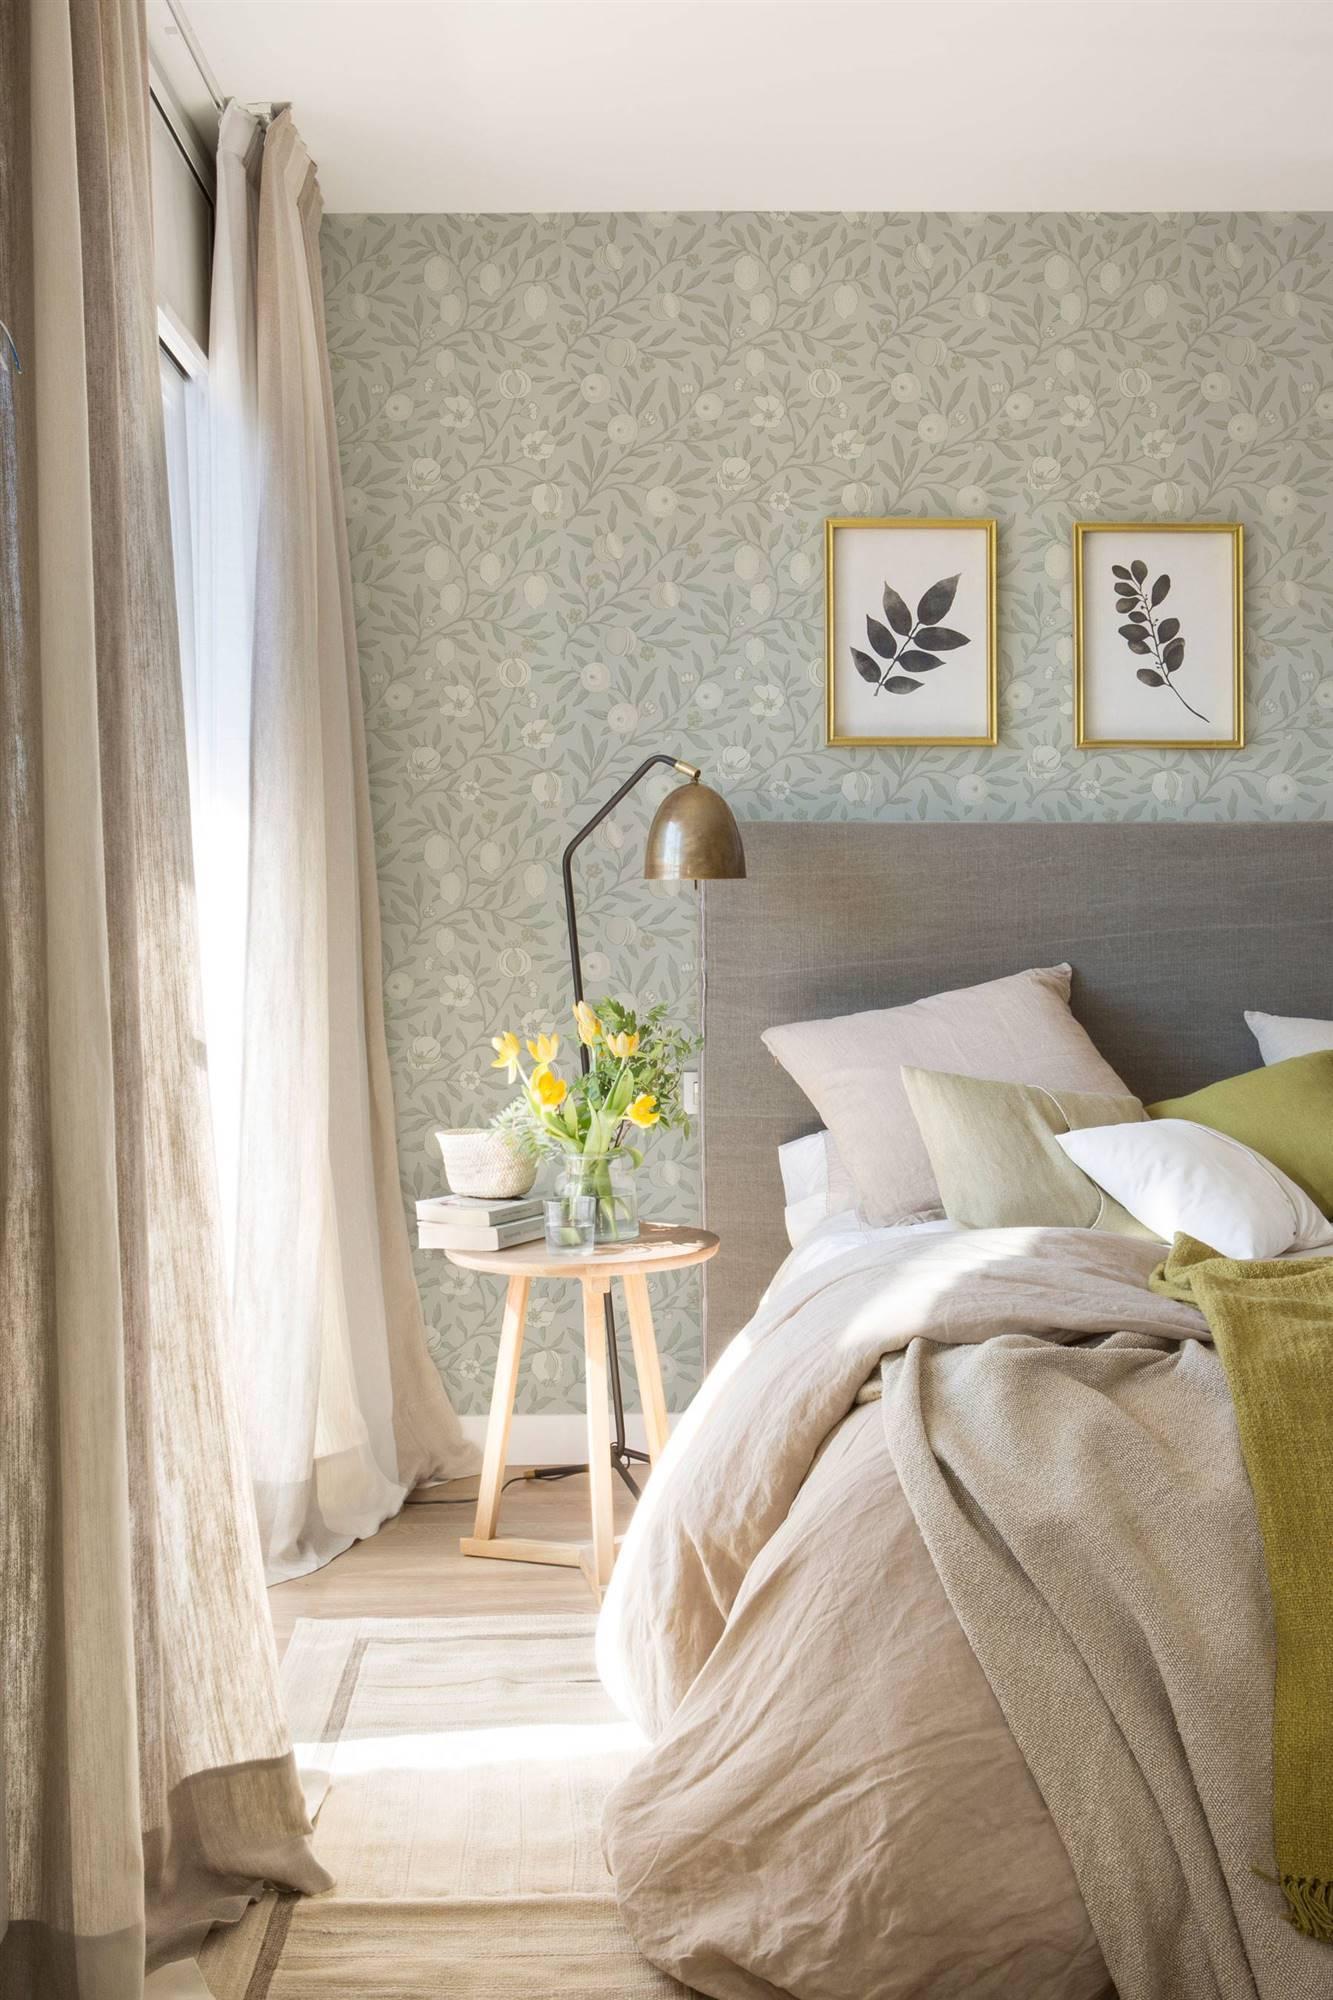 1871718ec55 Dormitorio papel pintado gris azulado. Y flores también en el cabecero